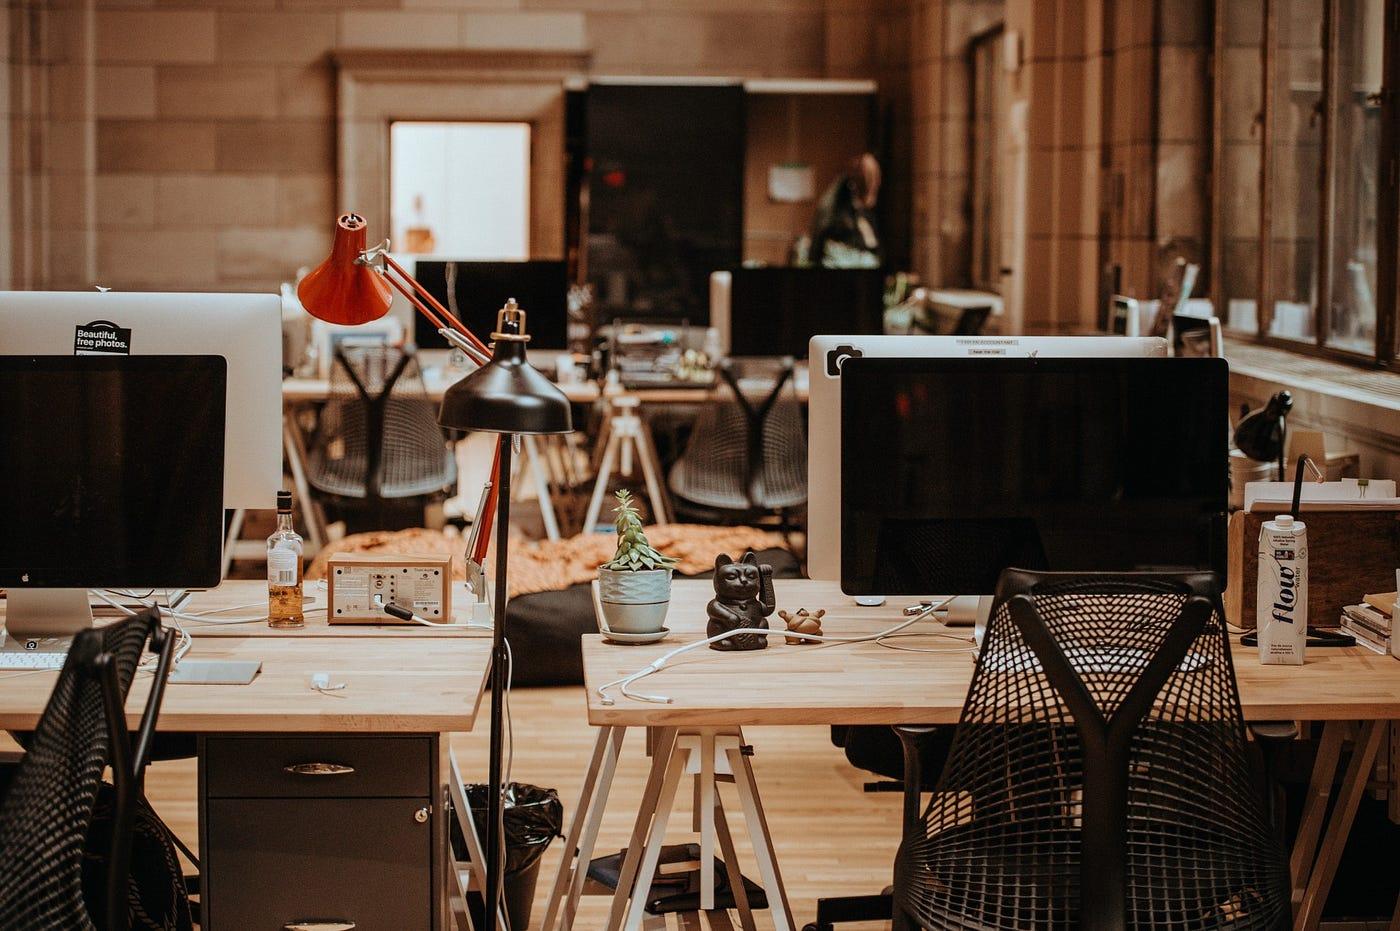 辦公室求生指南(6) — 製造屬於你的職場「快樂漢堡」 - 職場生涯的二三事 - Medium